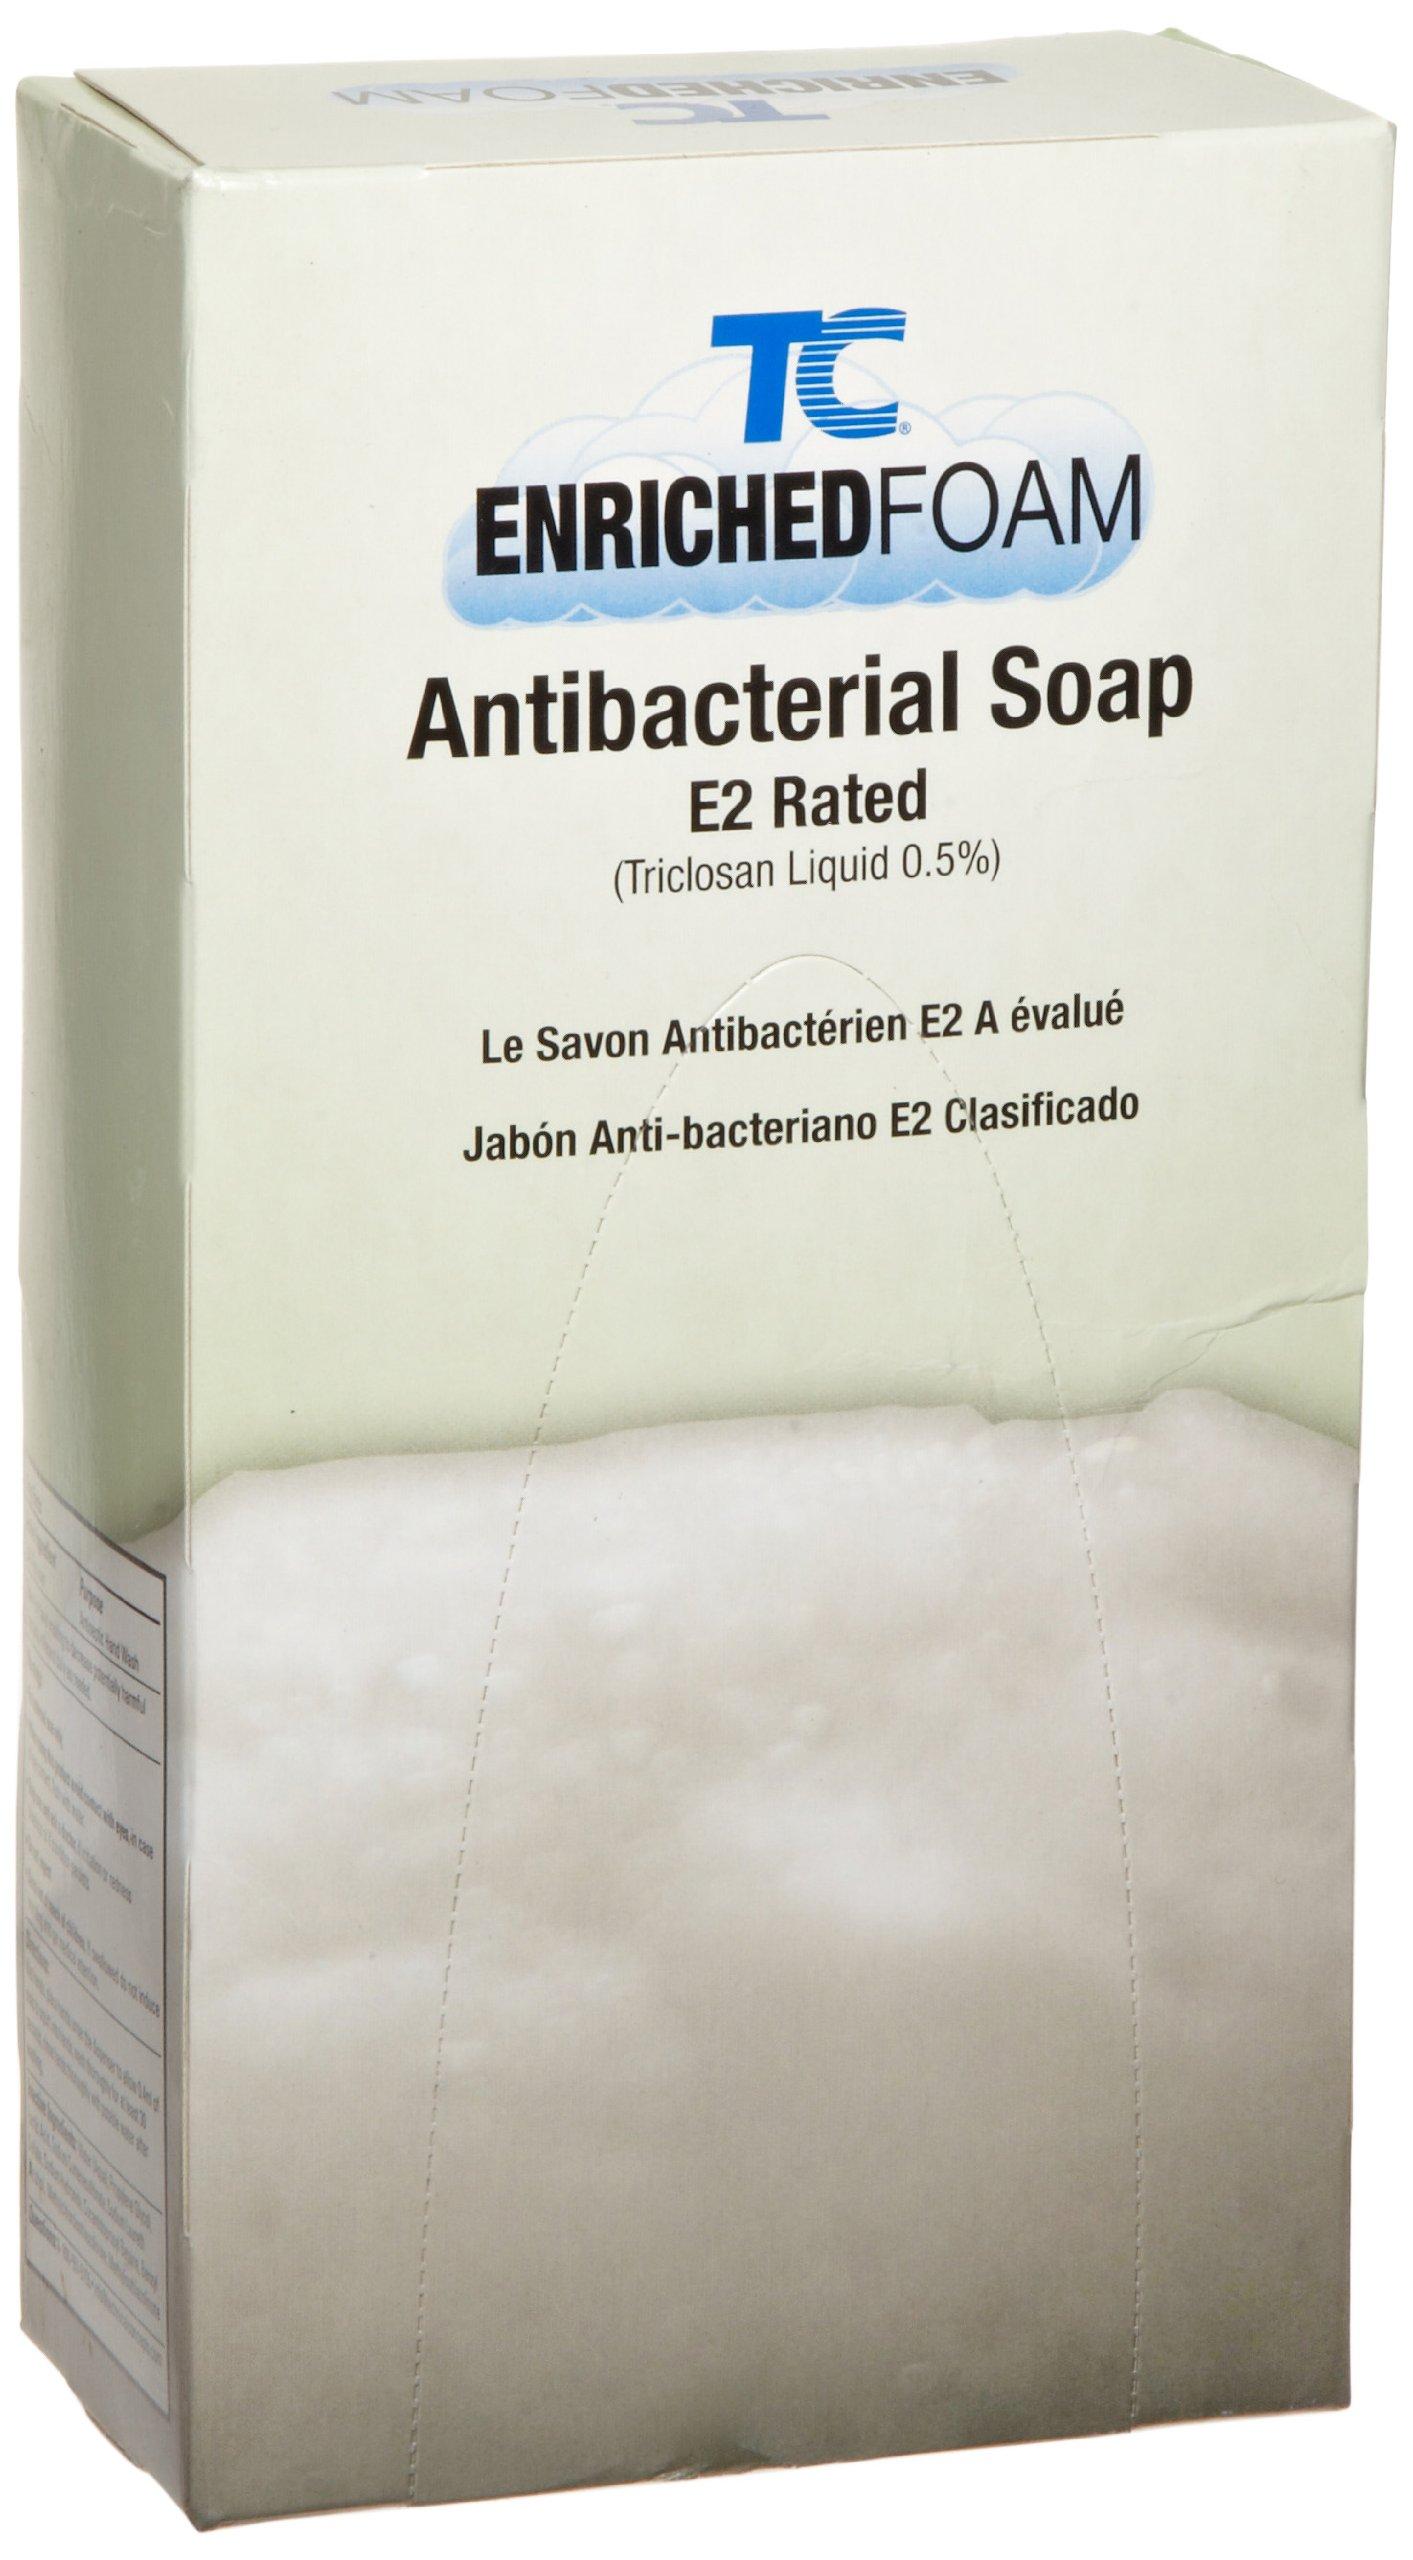 Rubbermaid Commercial Enriched Foam Antibacterial Soap E-2, 800-ml, FG450031 by Rubbermaid Commercial Products